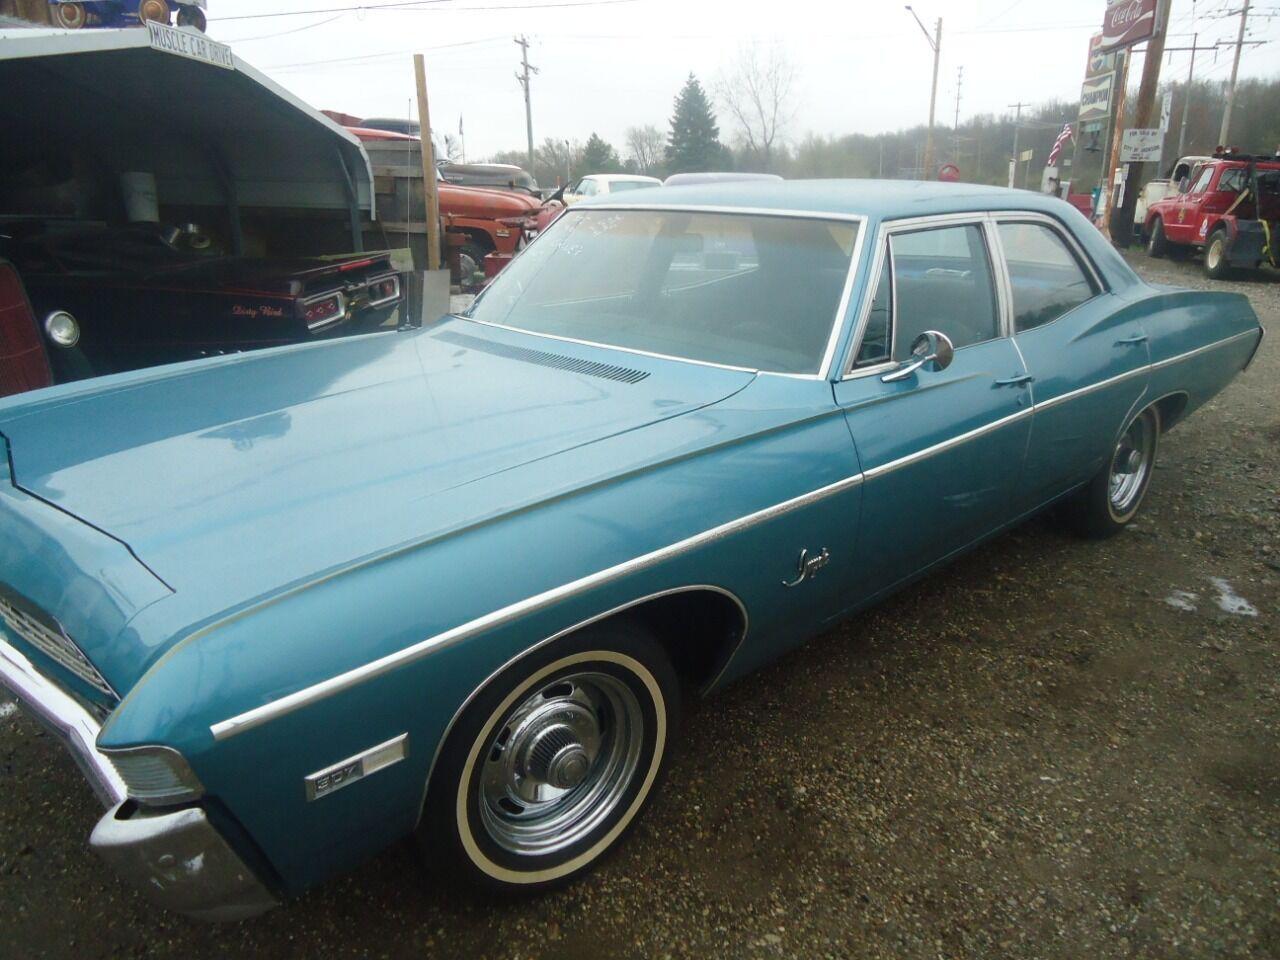 1968 Chevrolet Impala 24